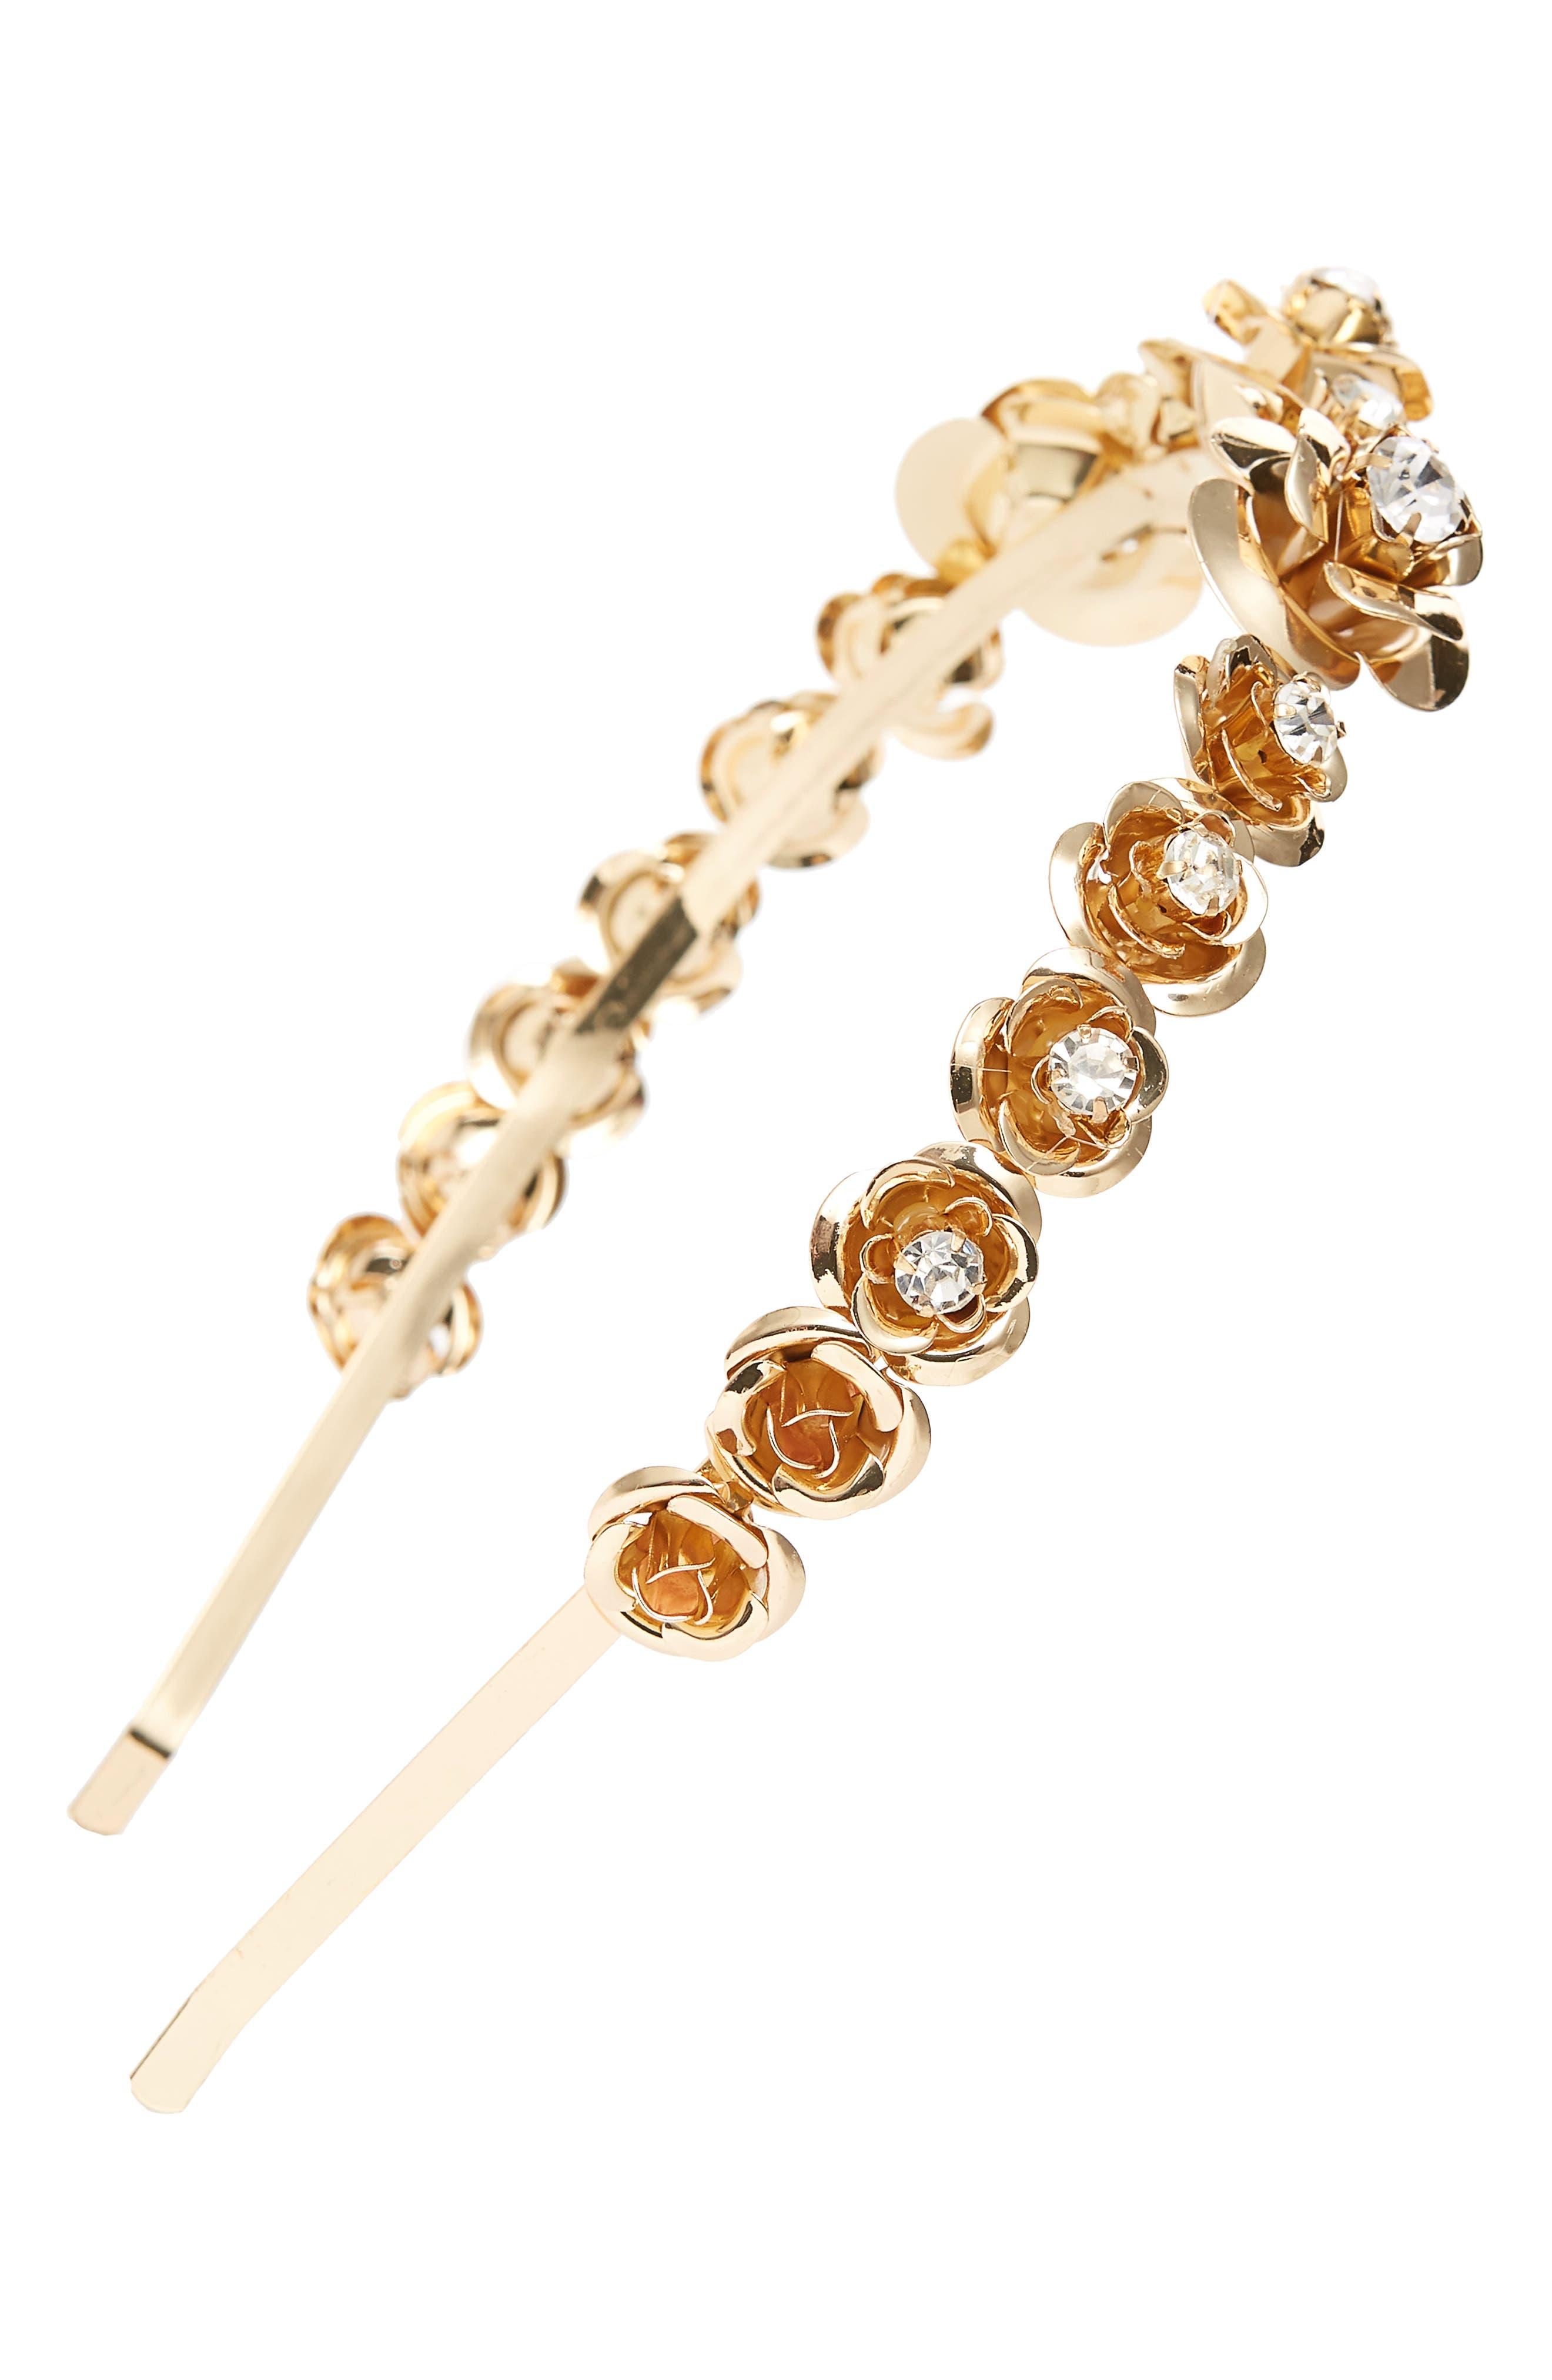 Crystal Embellished Flower Headband,                         Main,                         color, GOLD